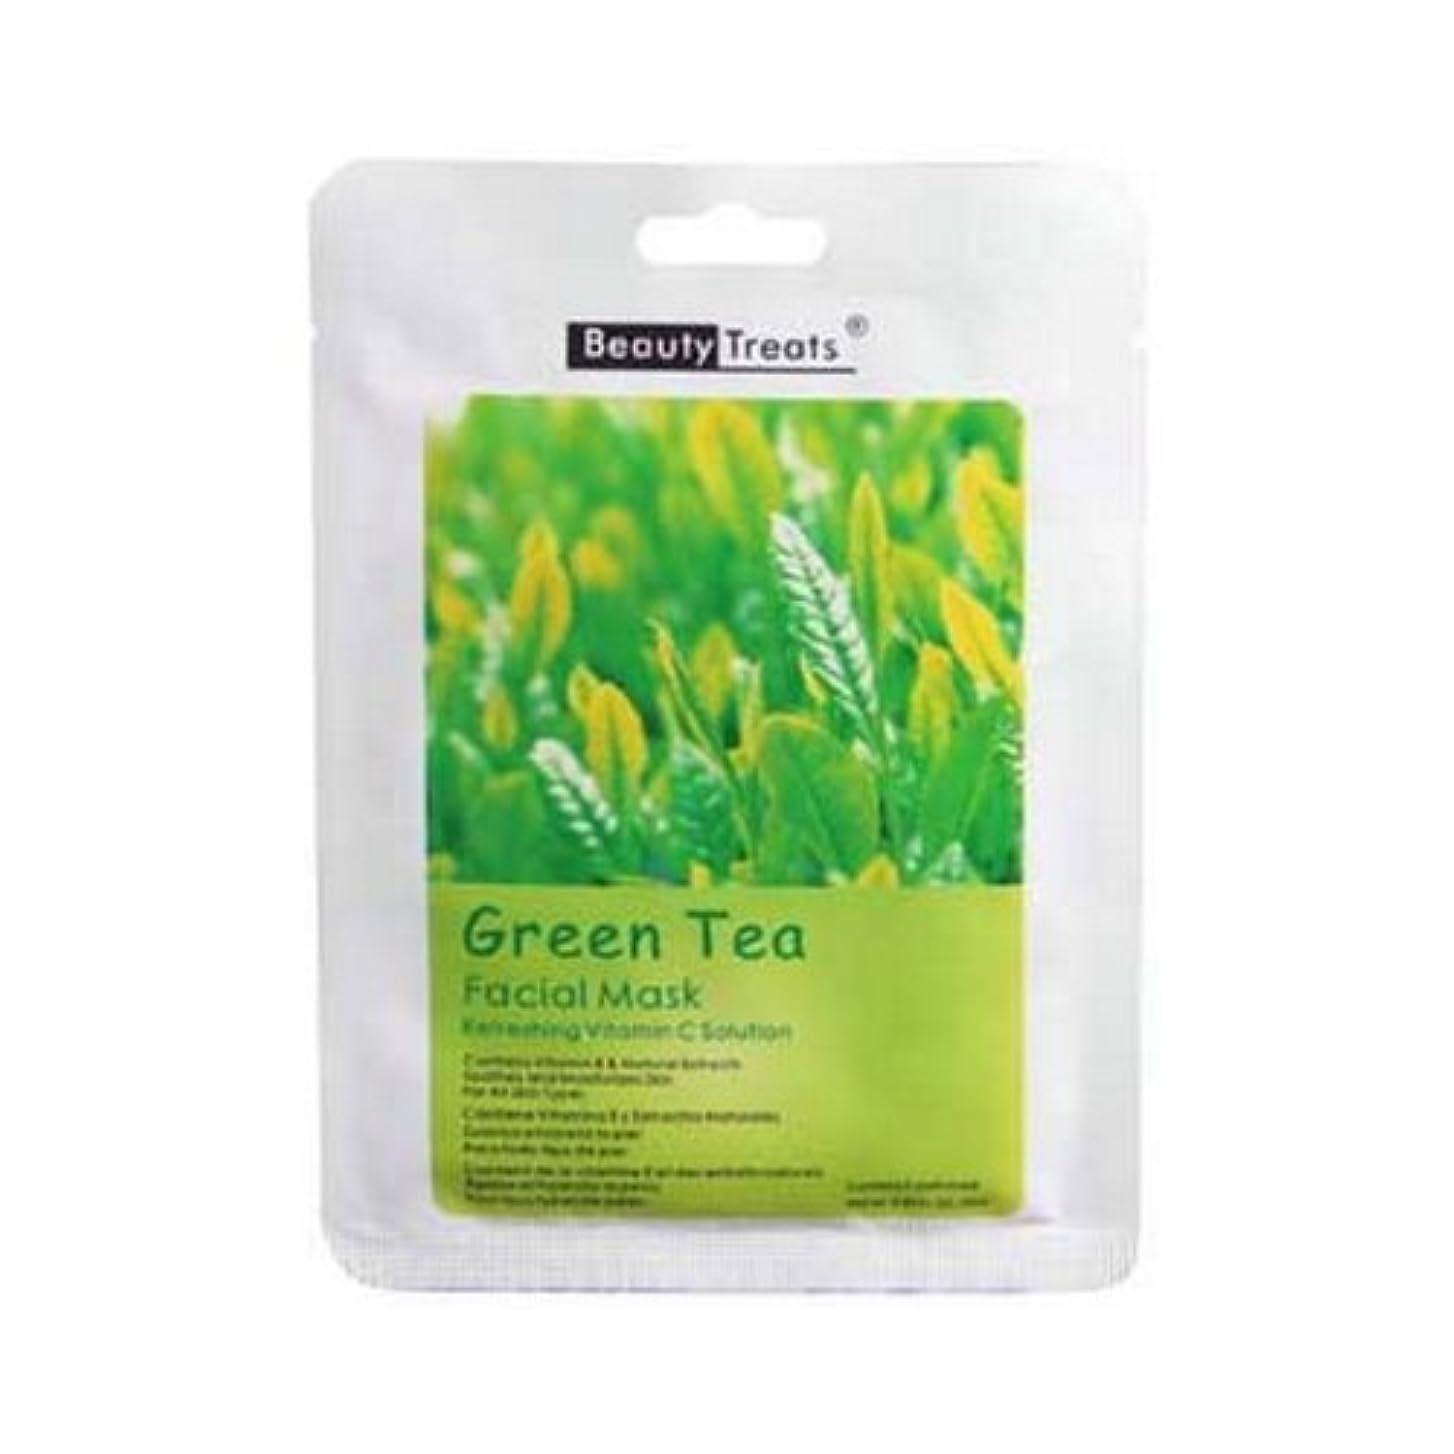 上流のカップ隙間(3 Pack) BEAUTY TREATS Facial Mask Refreshing Vitamin C Solution - Green Tea (並行輸入品)